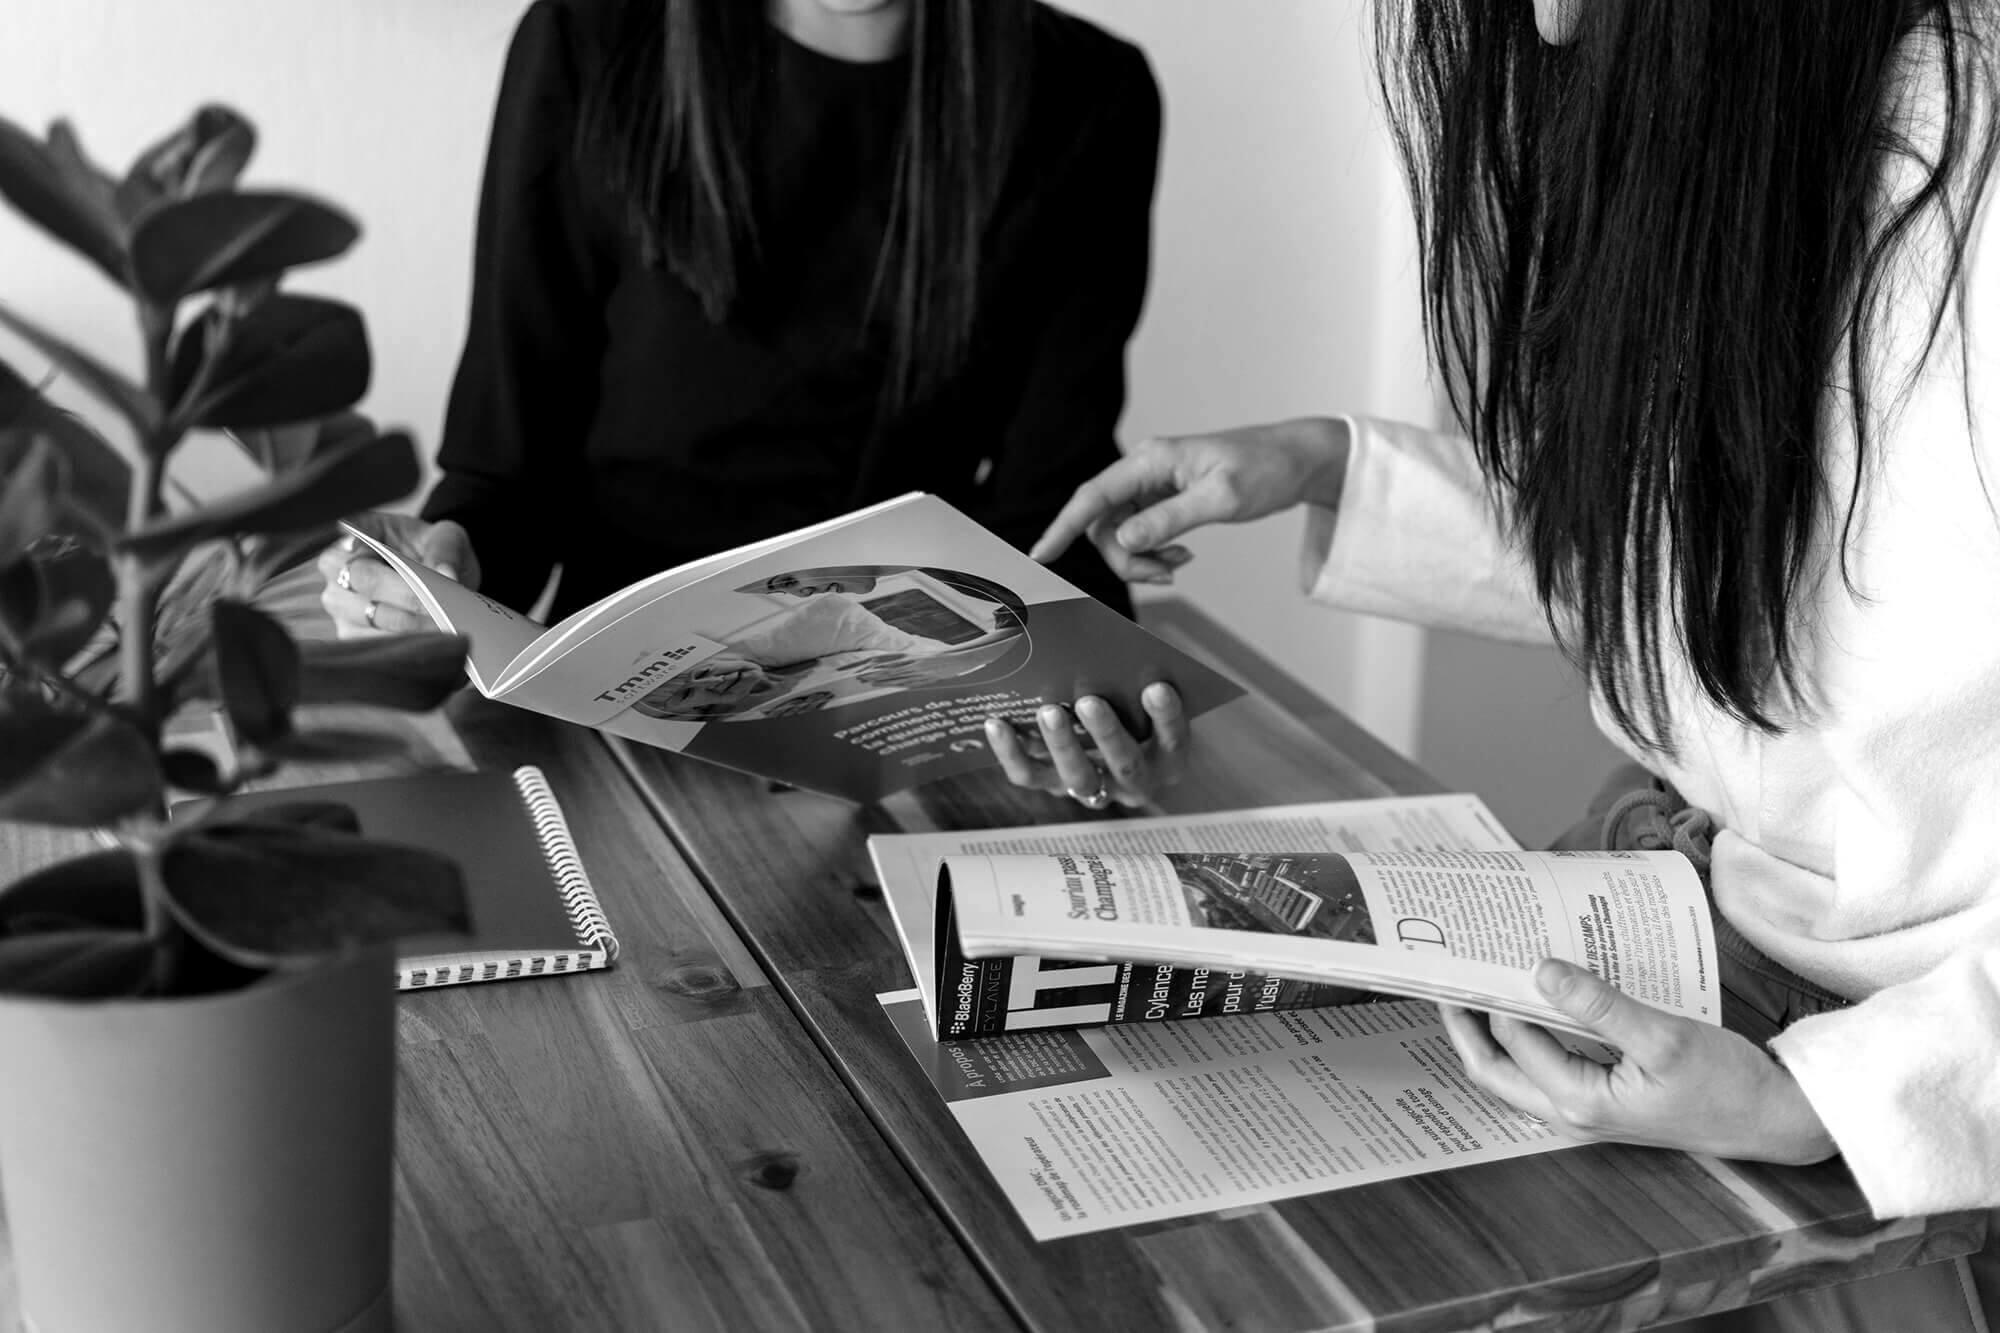 Deux personnes discutant de retombées presse IT autour d'une table